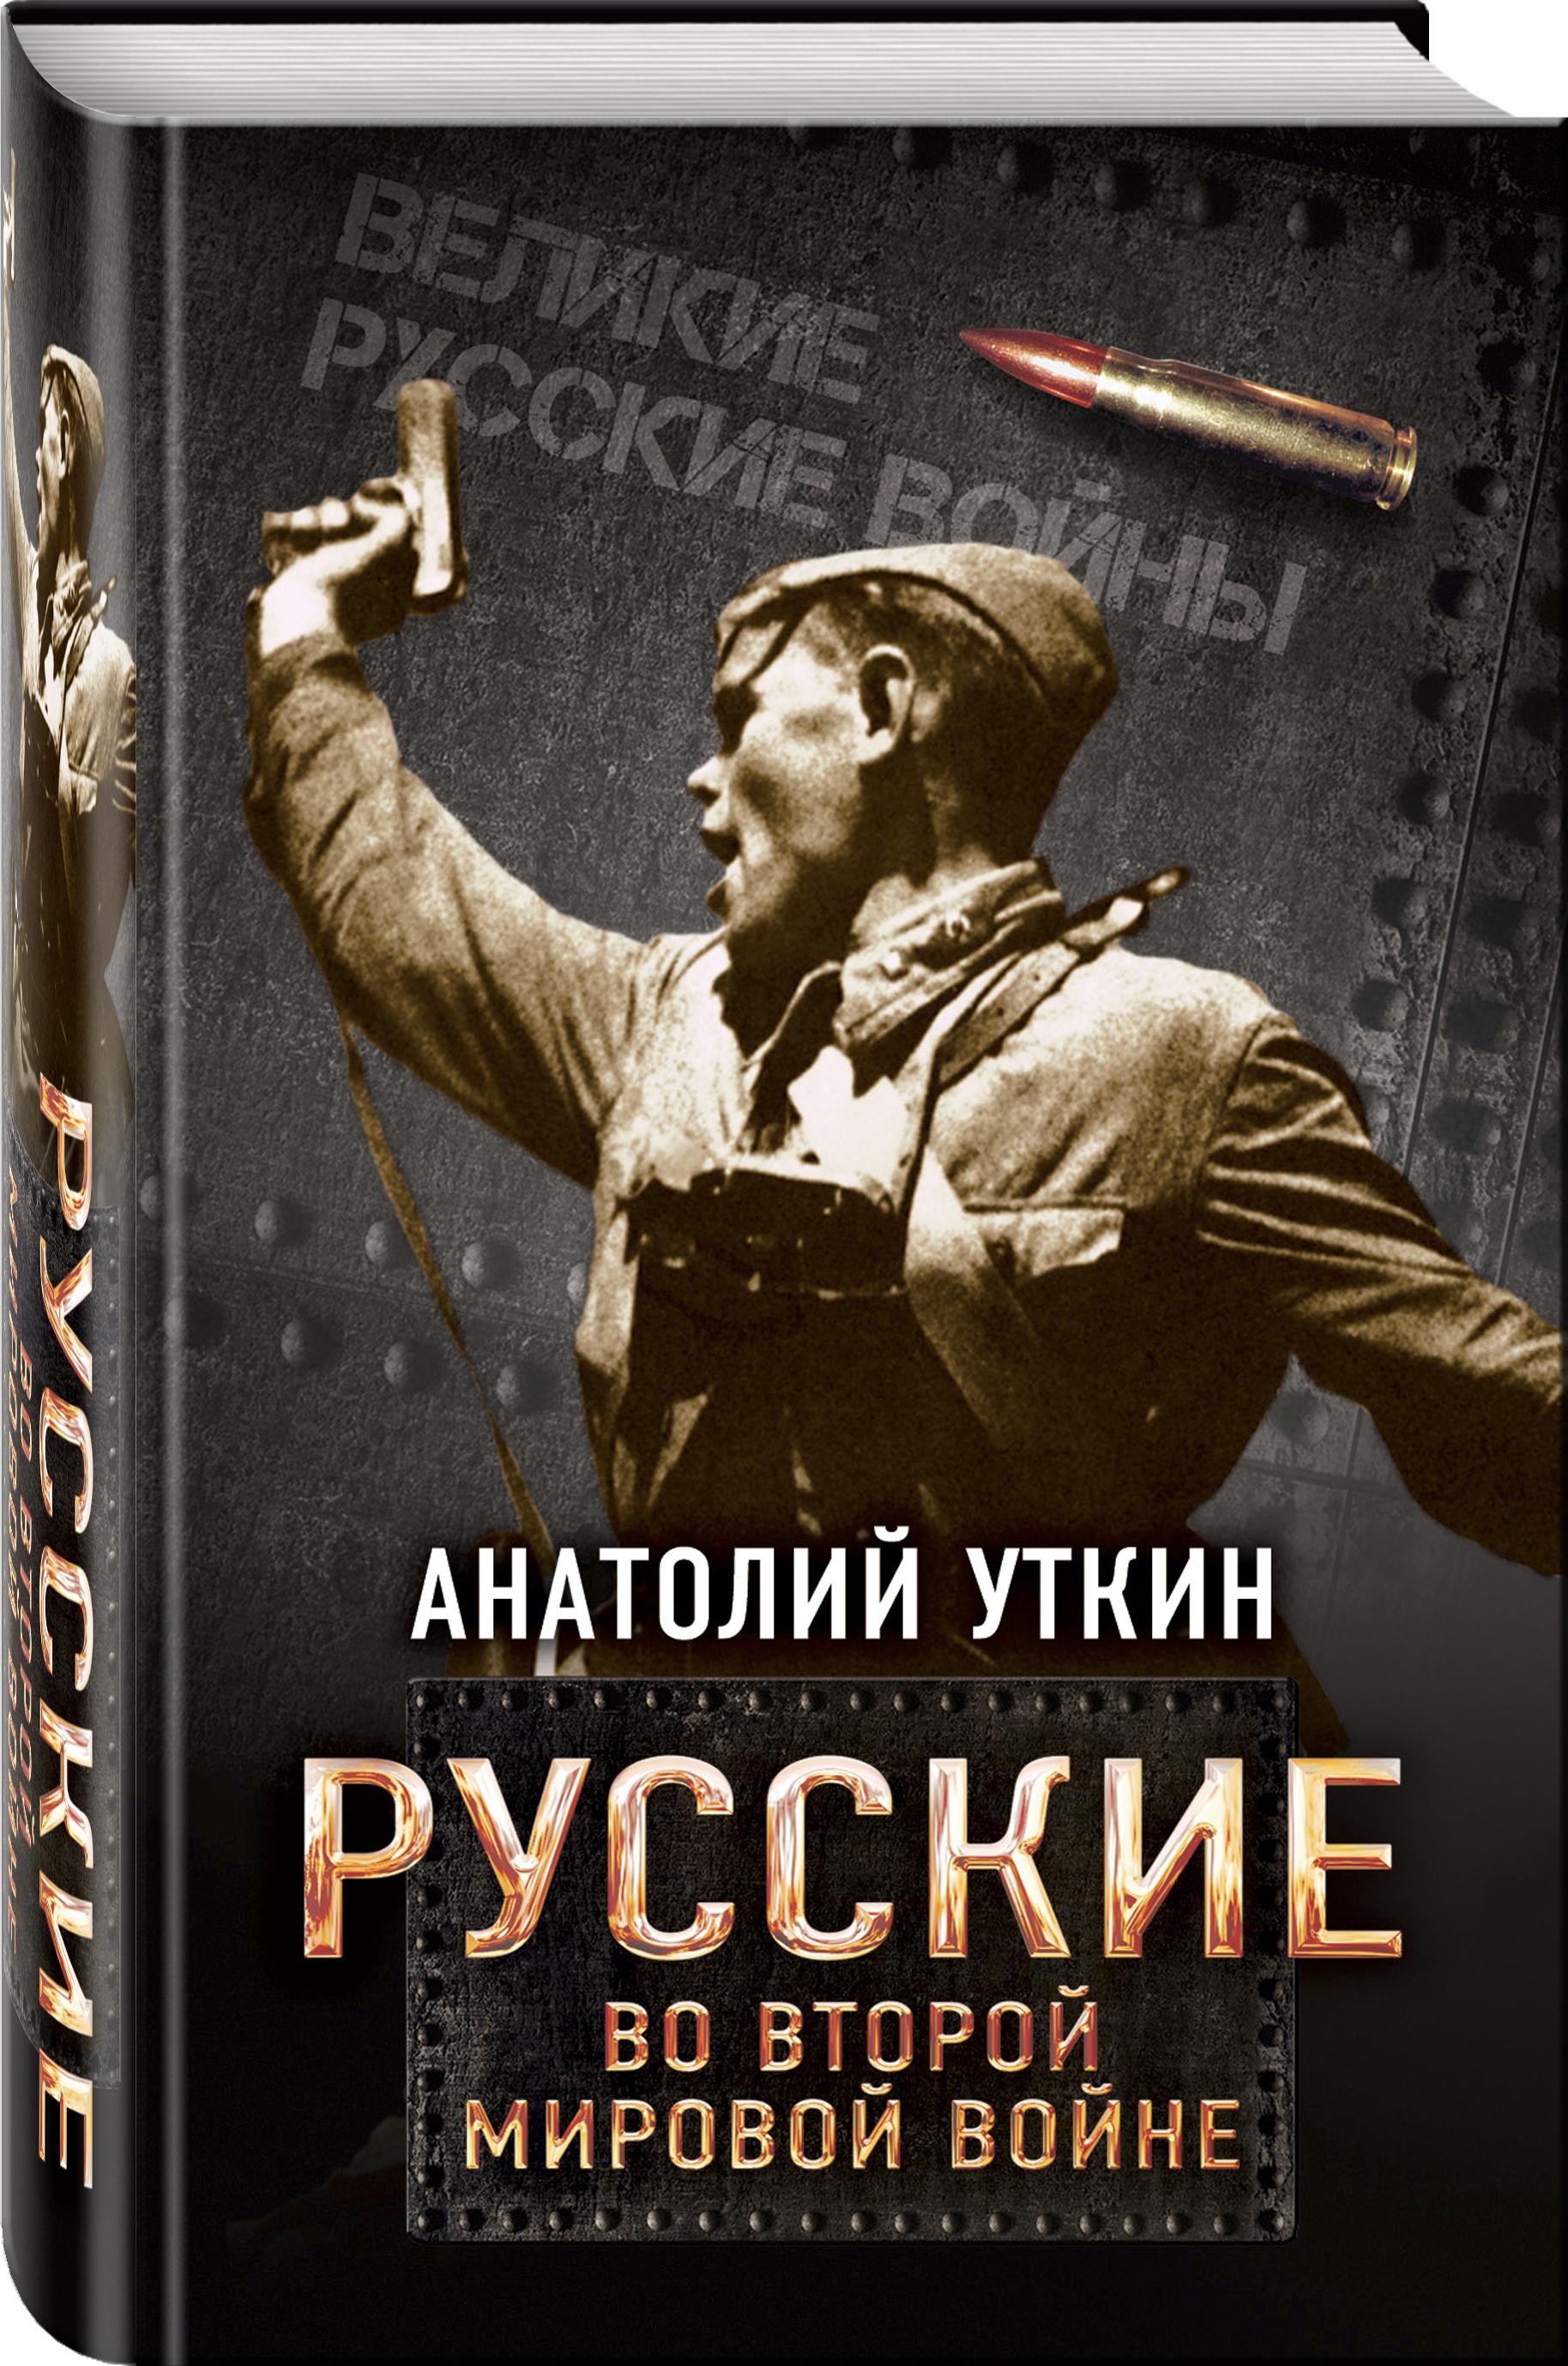 Анатолий Уткин Русские во Второй мировой войне